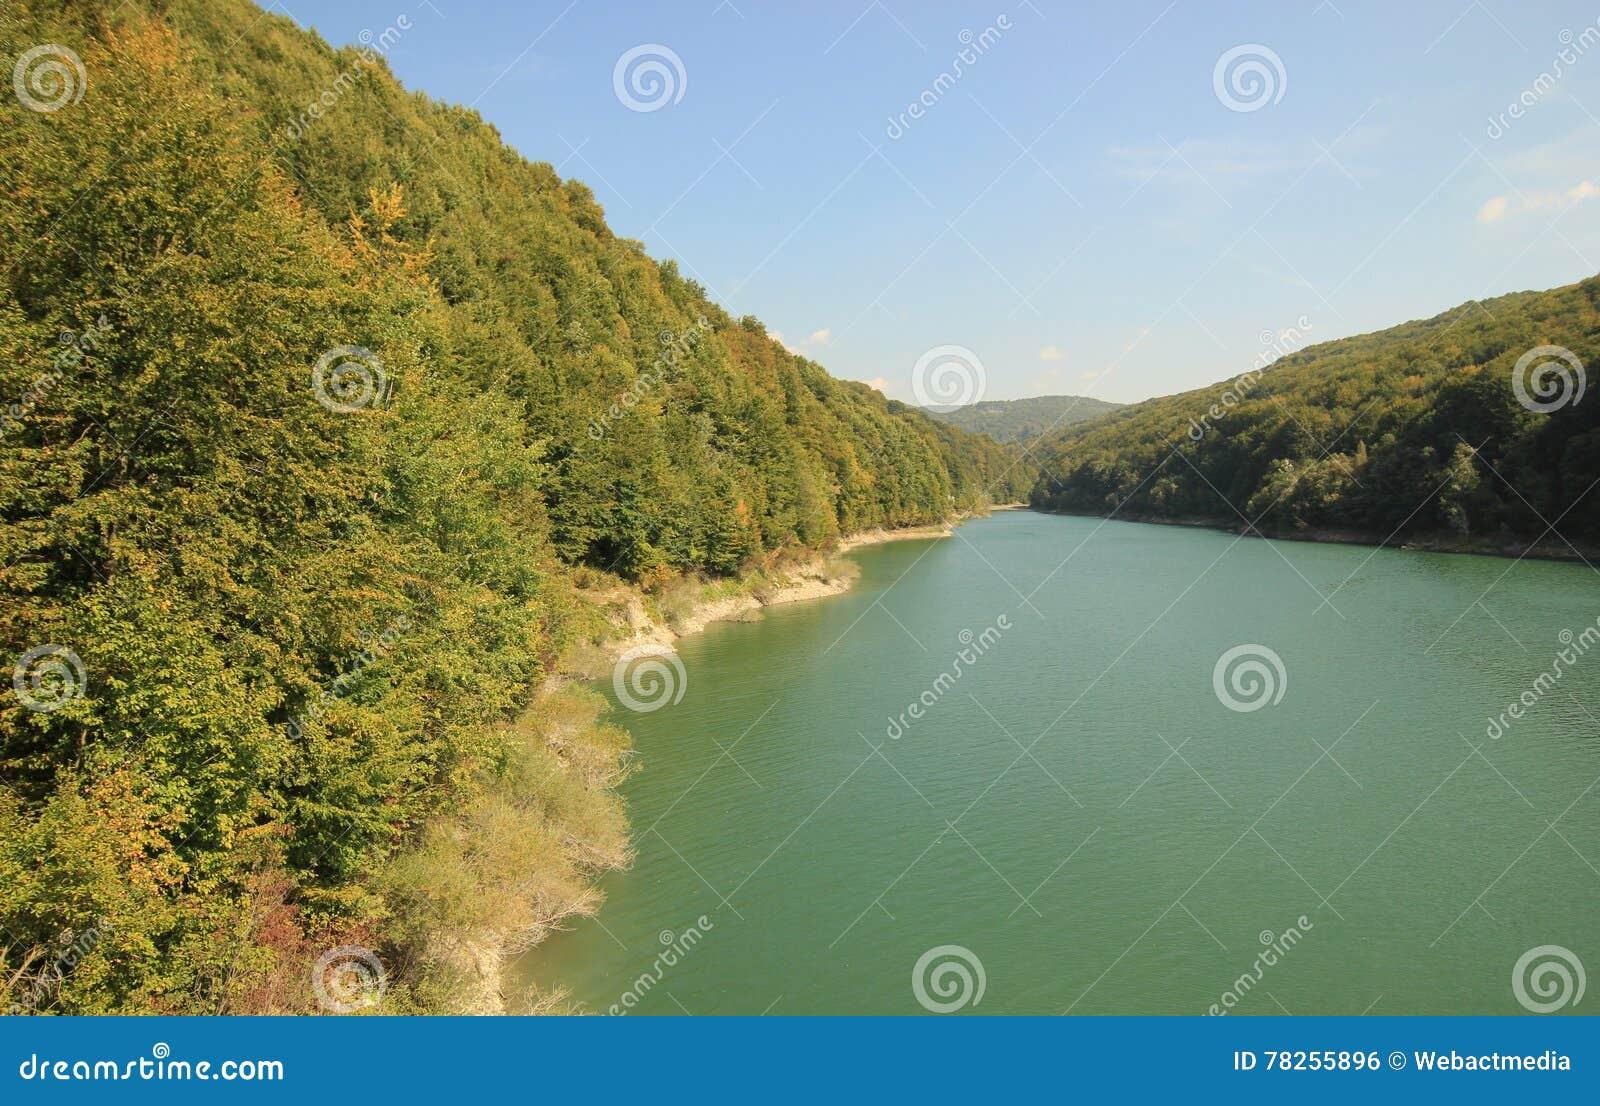 Τοπίο βουνών και ποταμών